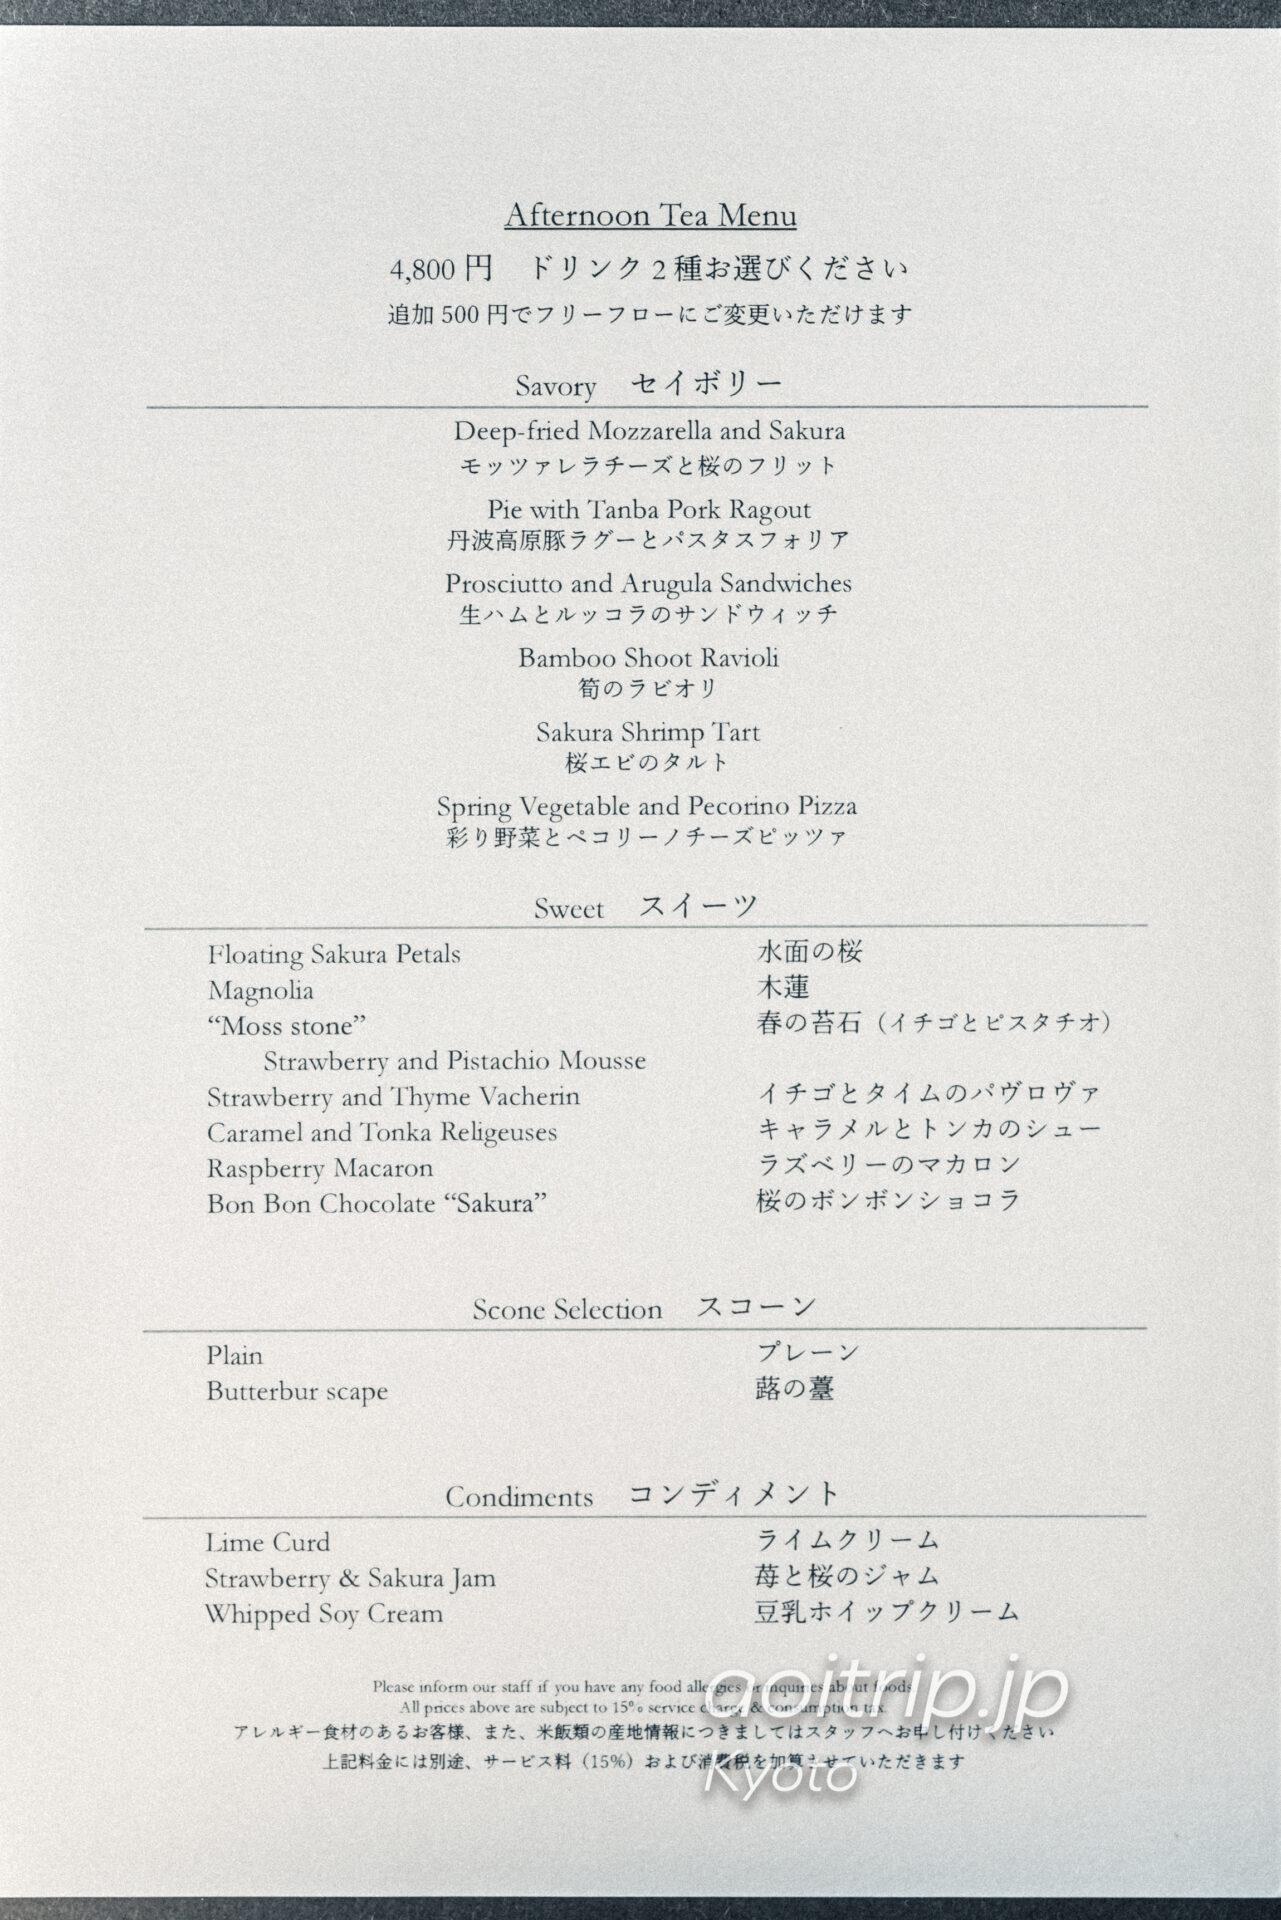 ホテルザミツイ京都のアフタヌーンティーのメニュー